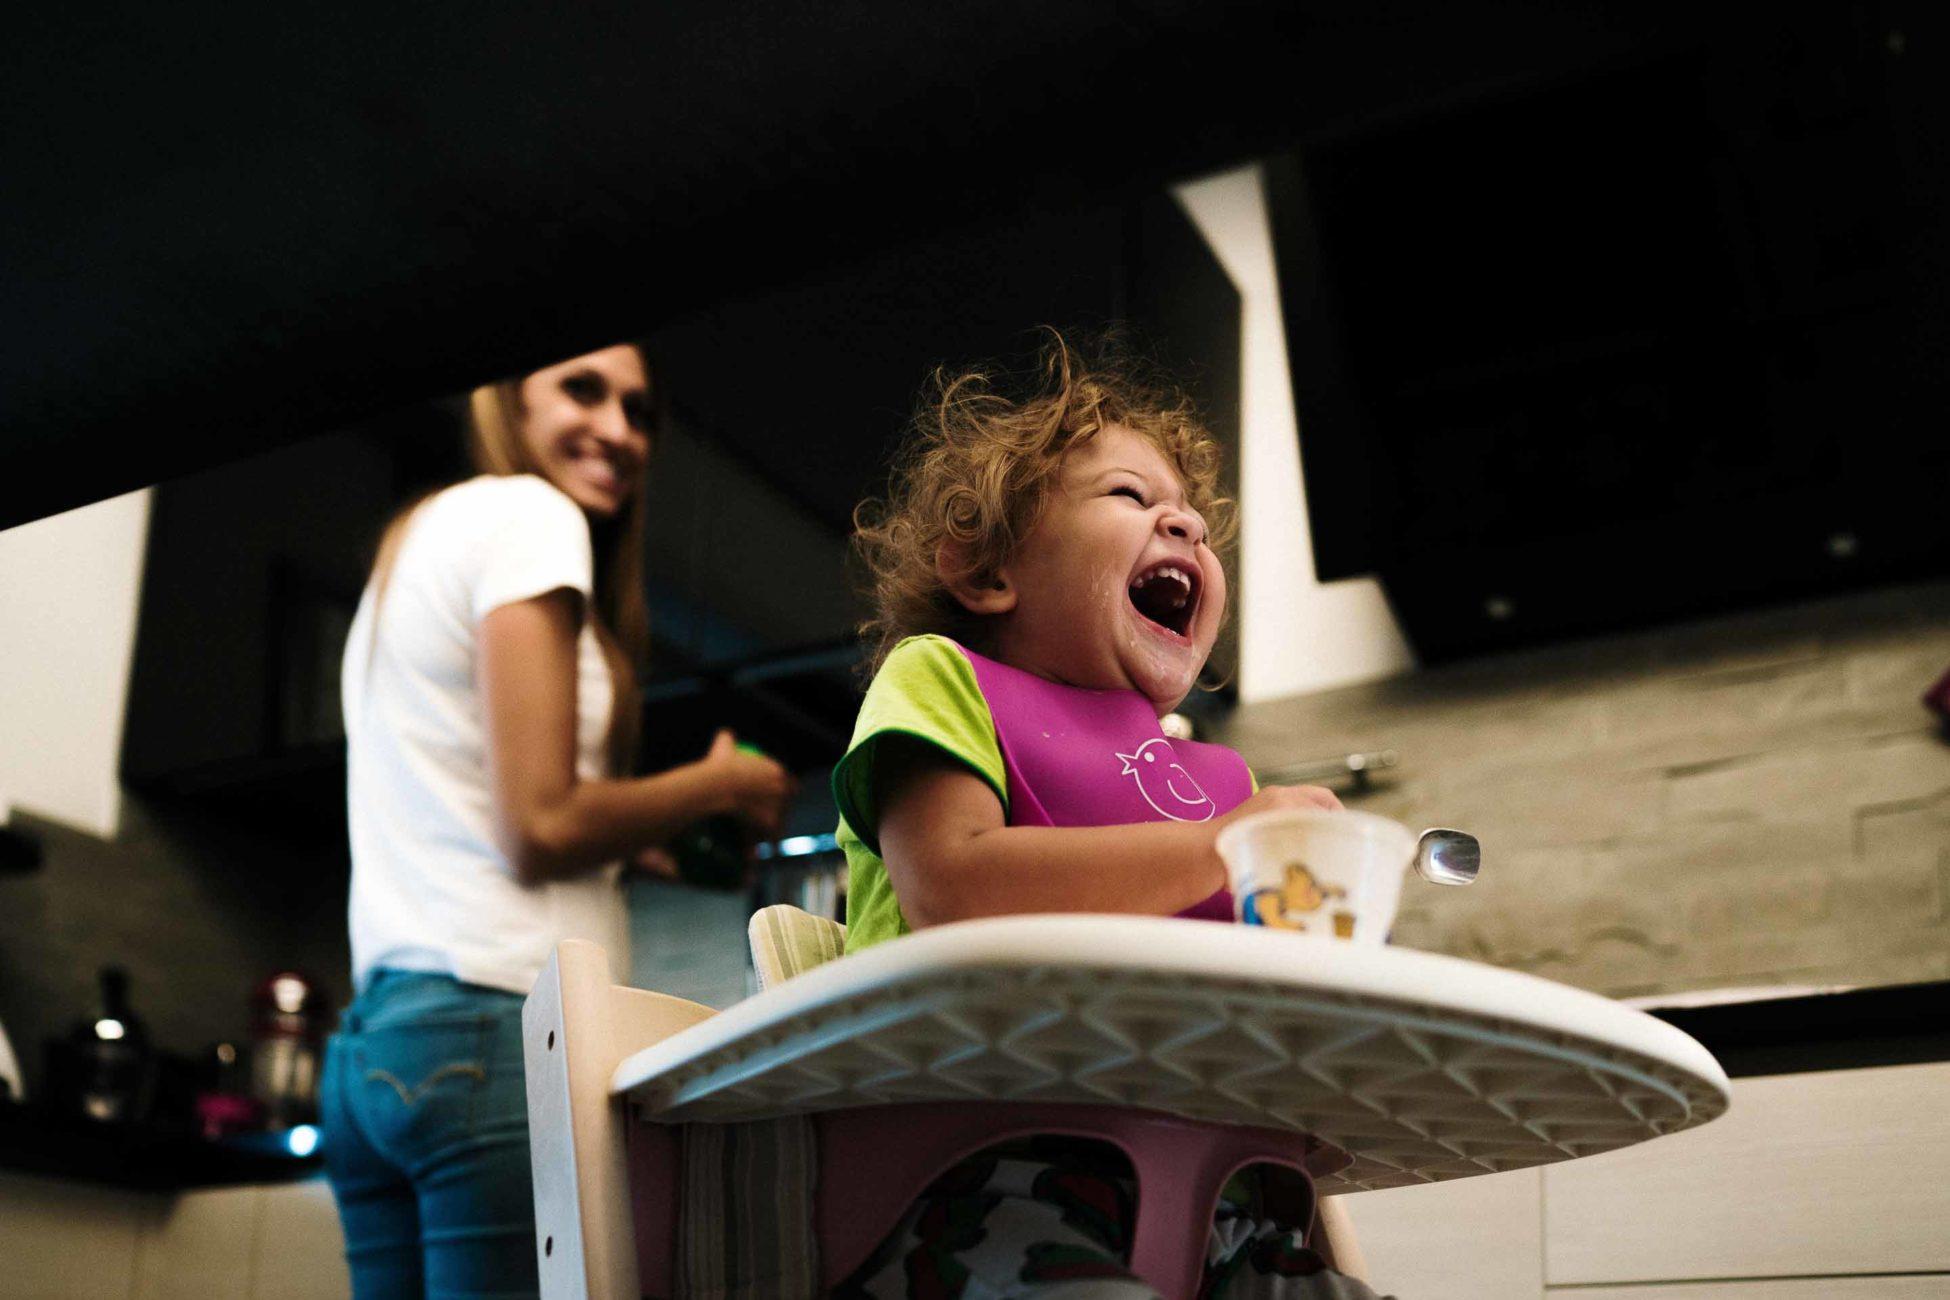 Servizio fotografico documentario di famiglia h24 - Fotografie per sempre